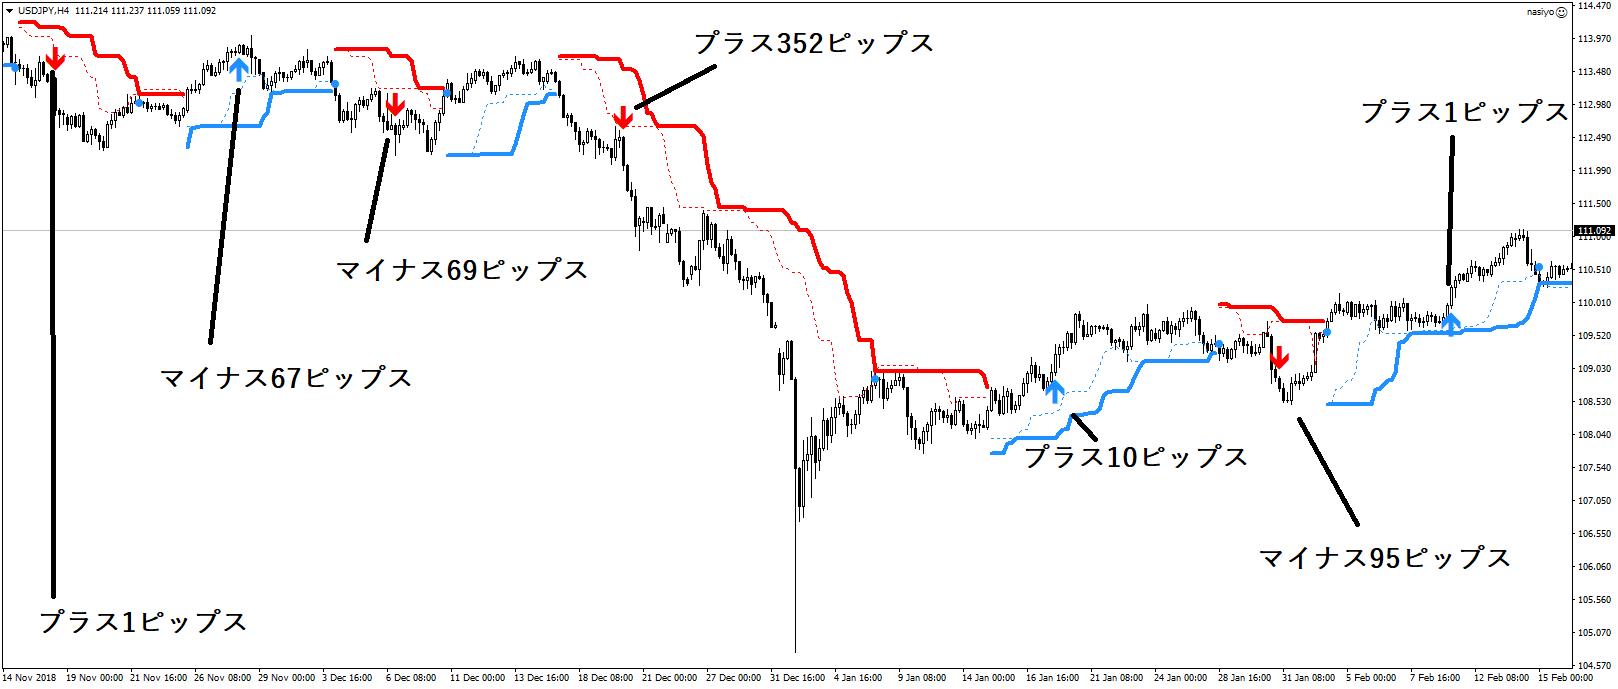 ドル円11月から2月のチャート